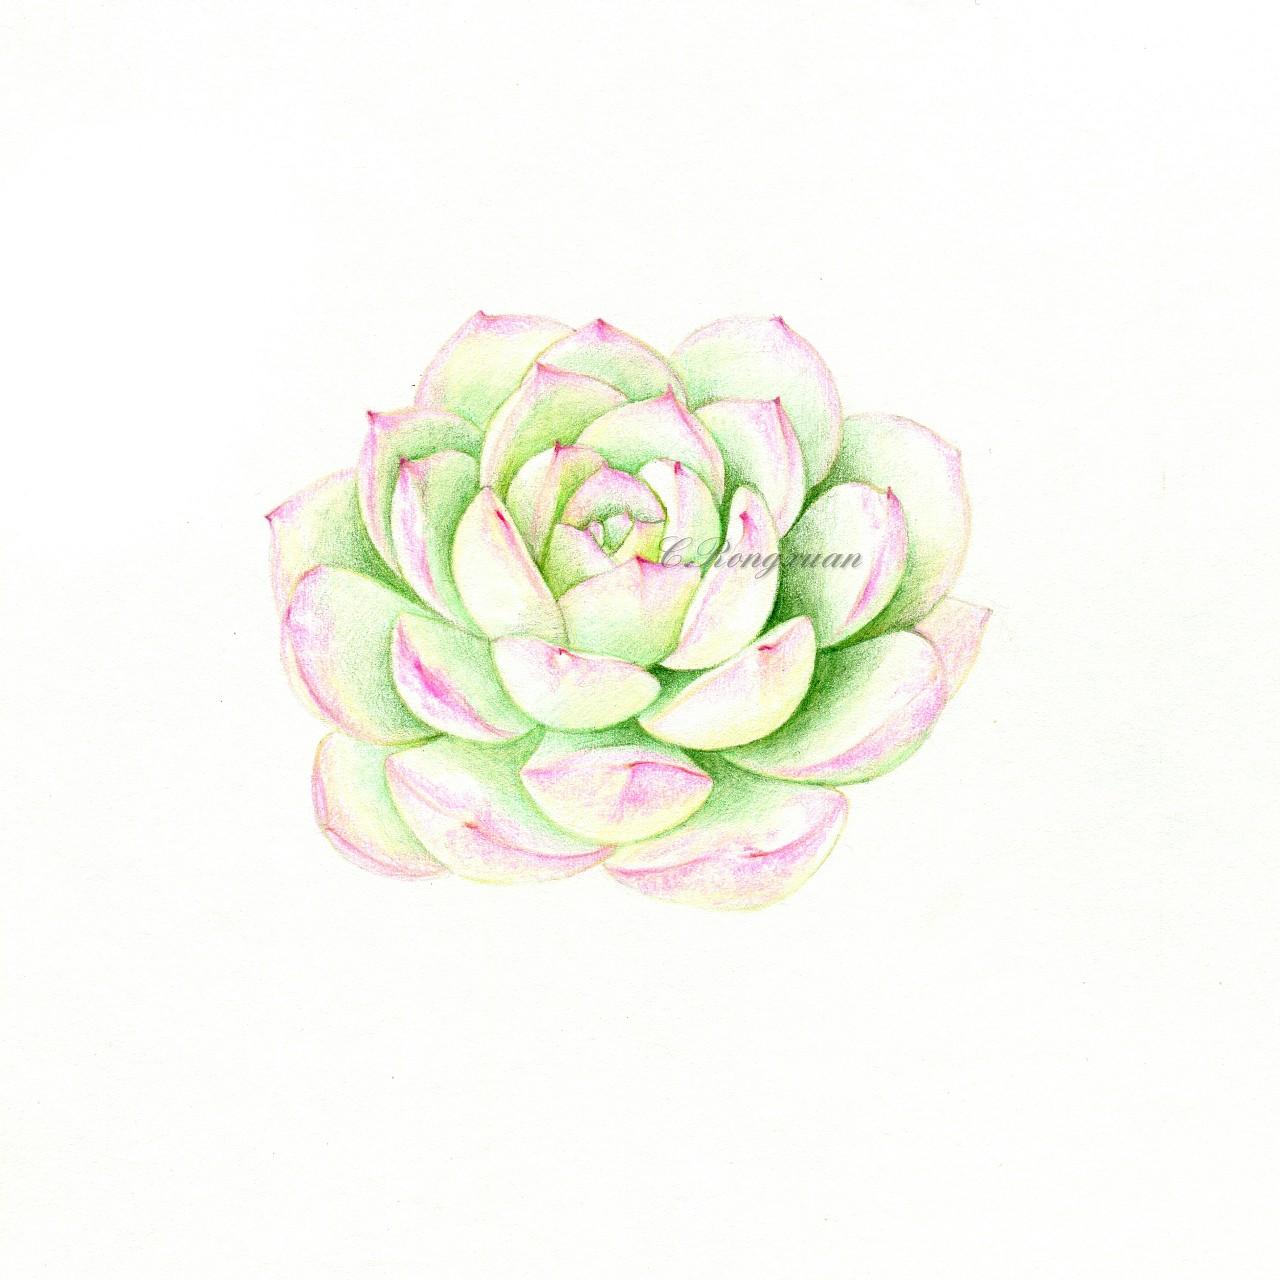 【溶萱手绘――彩铅多肉】水晶果冻莎莎